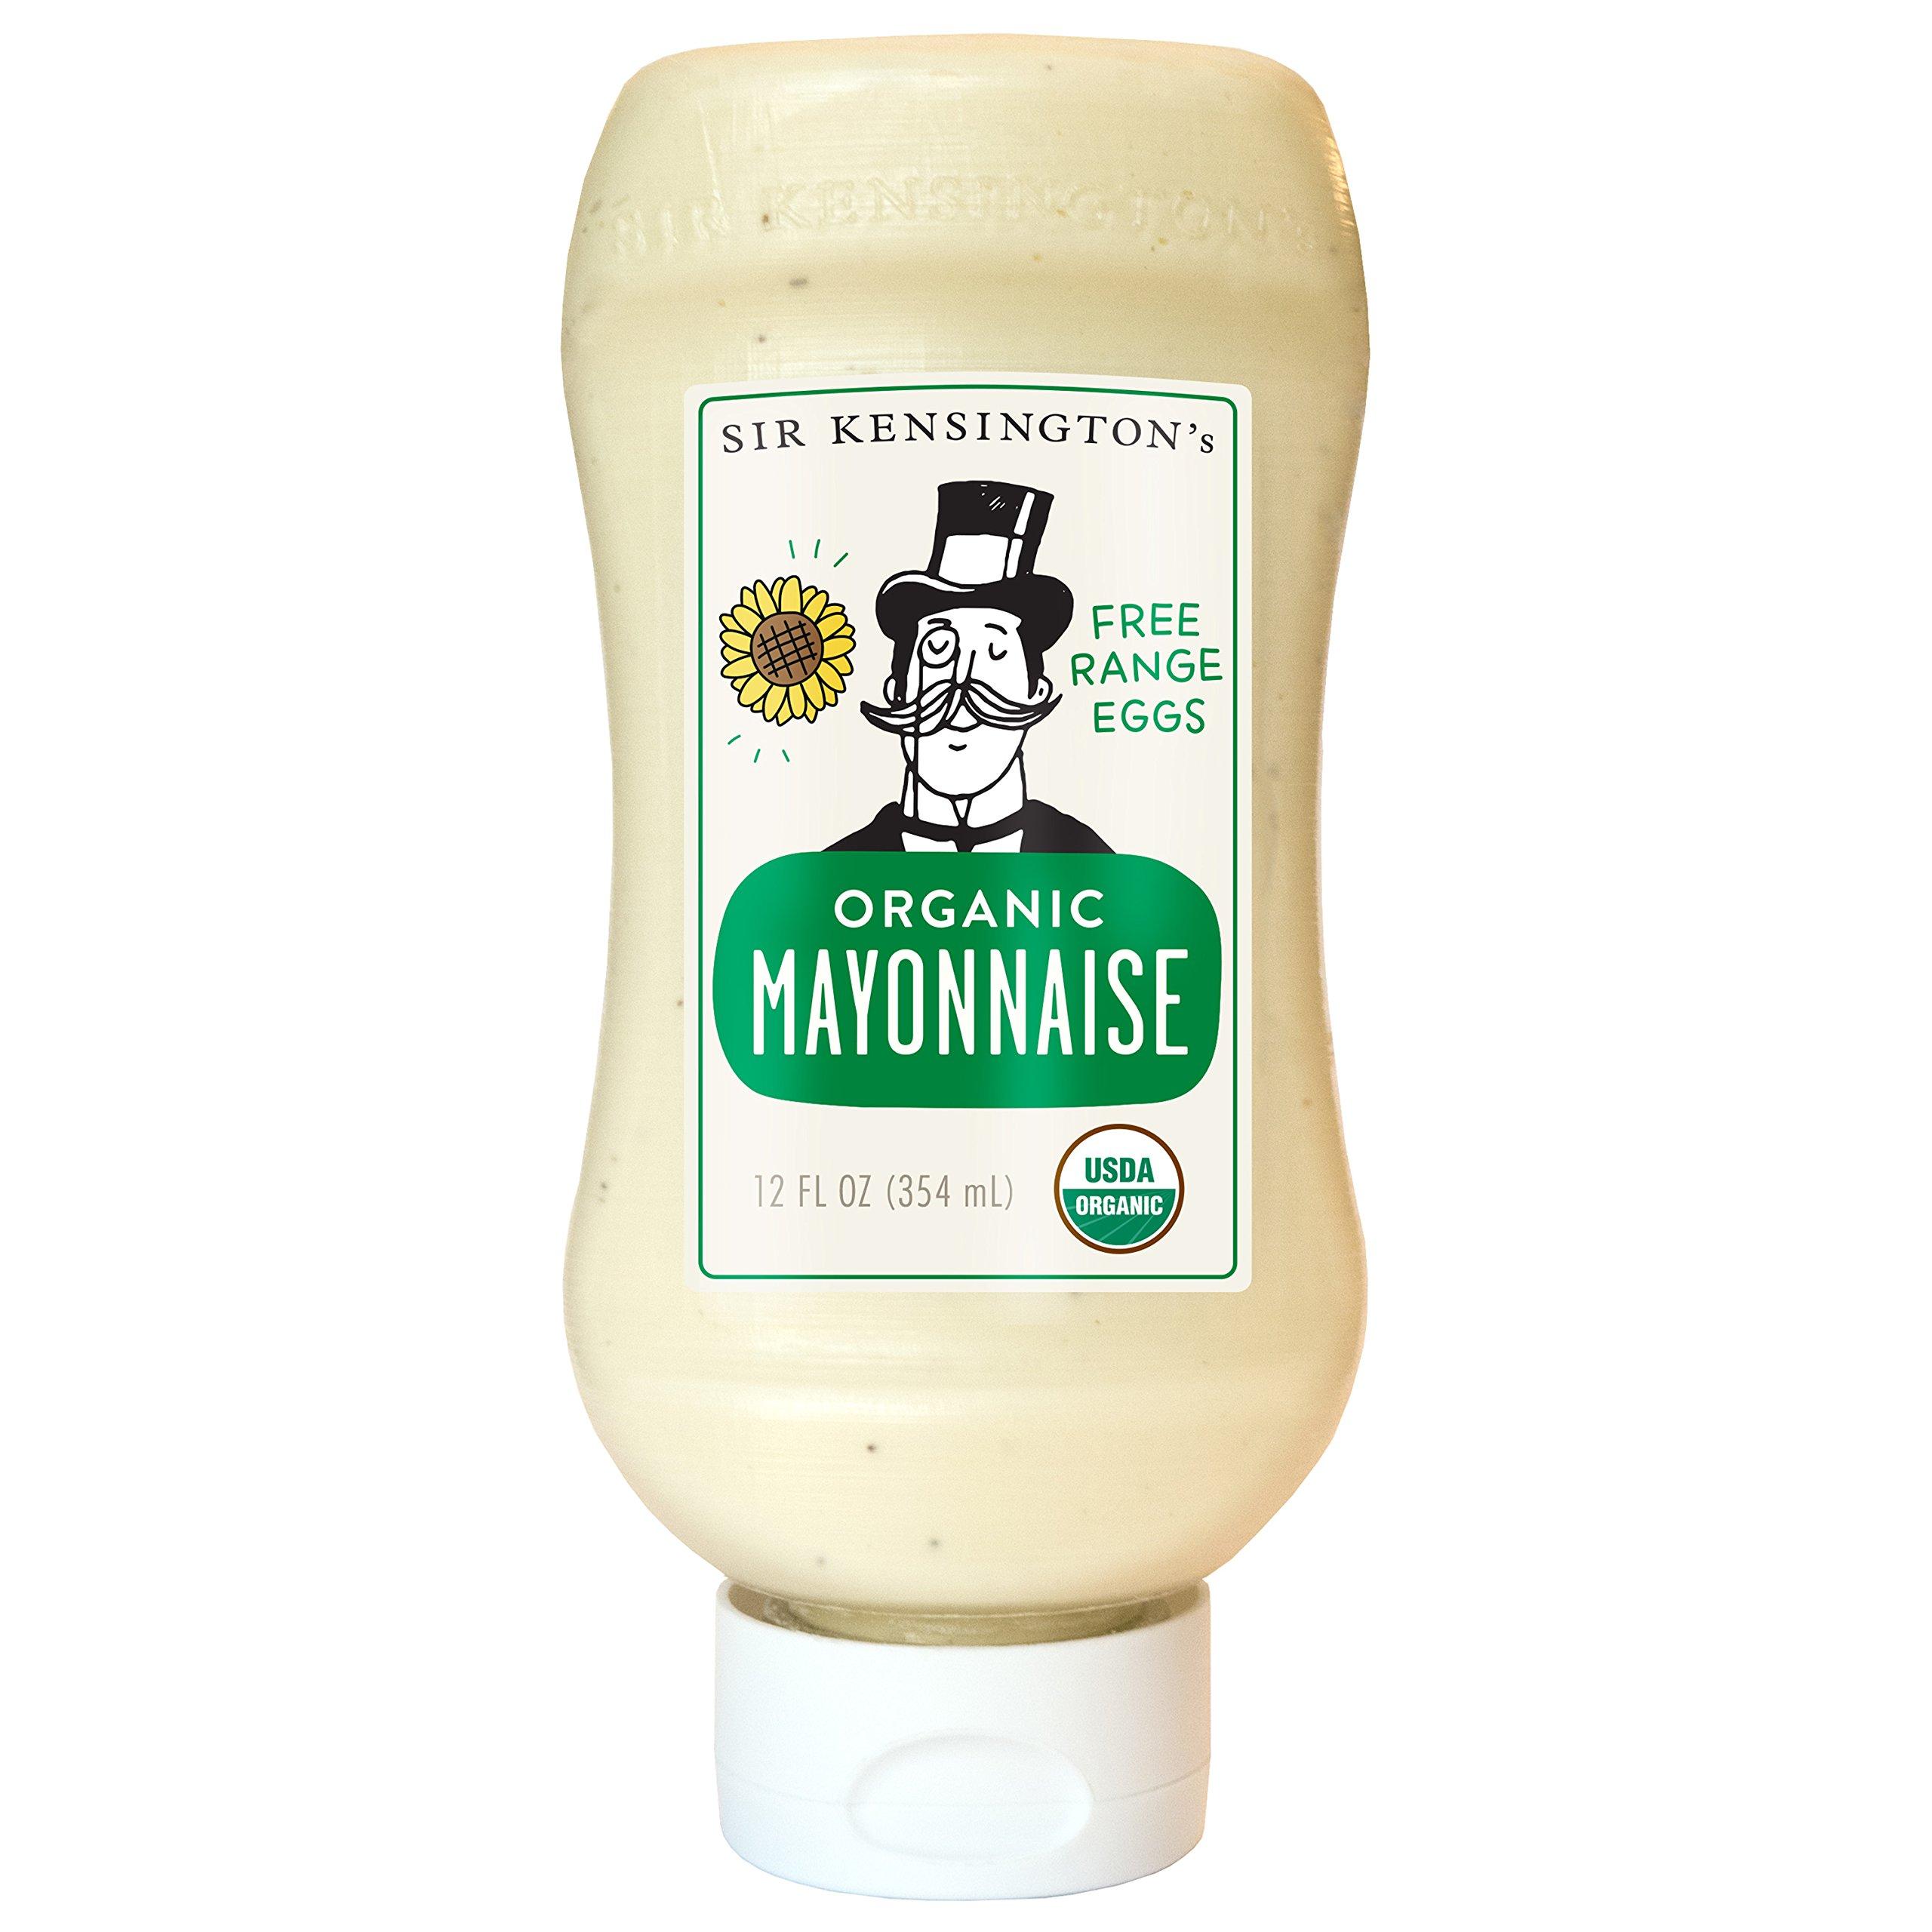 Sir Kensington's Mayonnaise Organic, 12 oz by Sir Kensington's